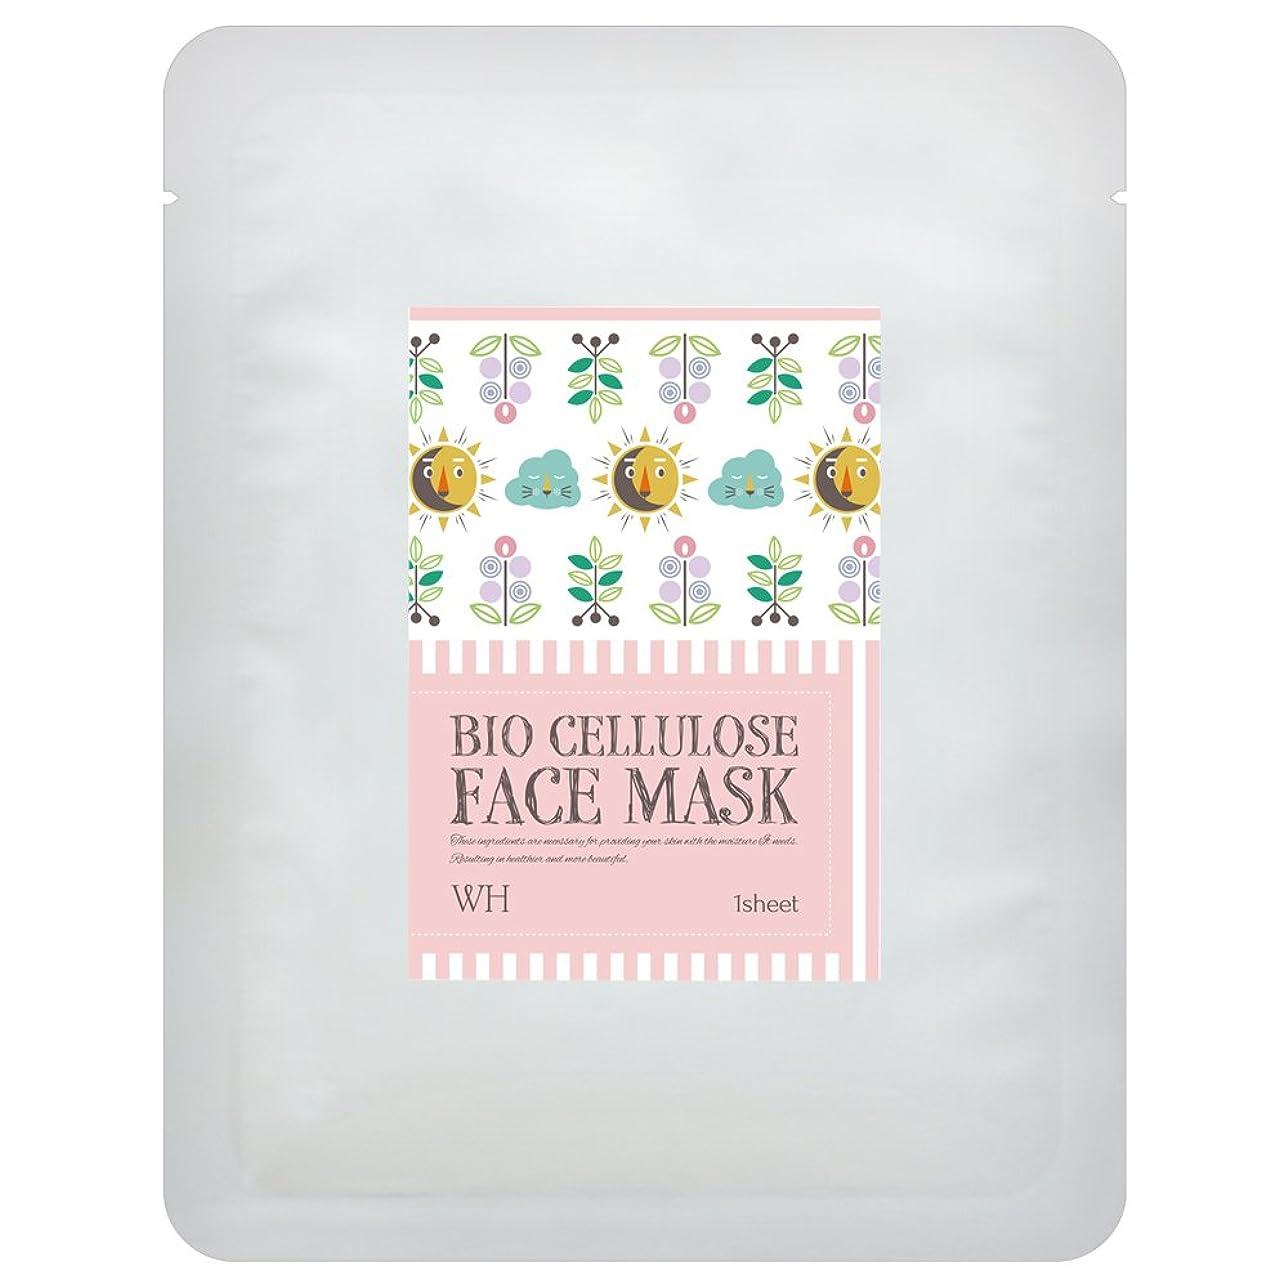 離れたぞっとするような場合日本製バイオセルロース フェイスマスク WH(輝白系) 1枚